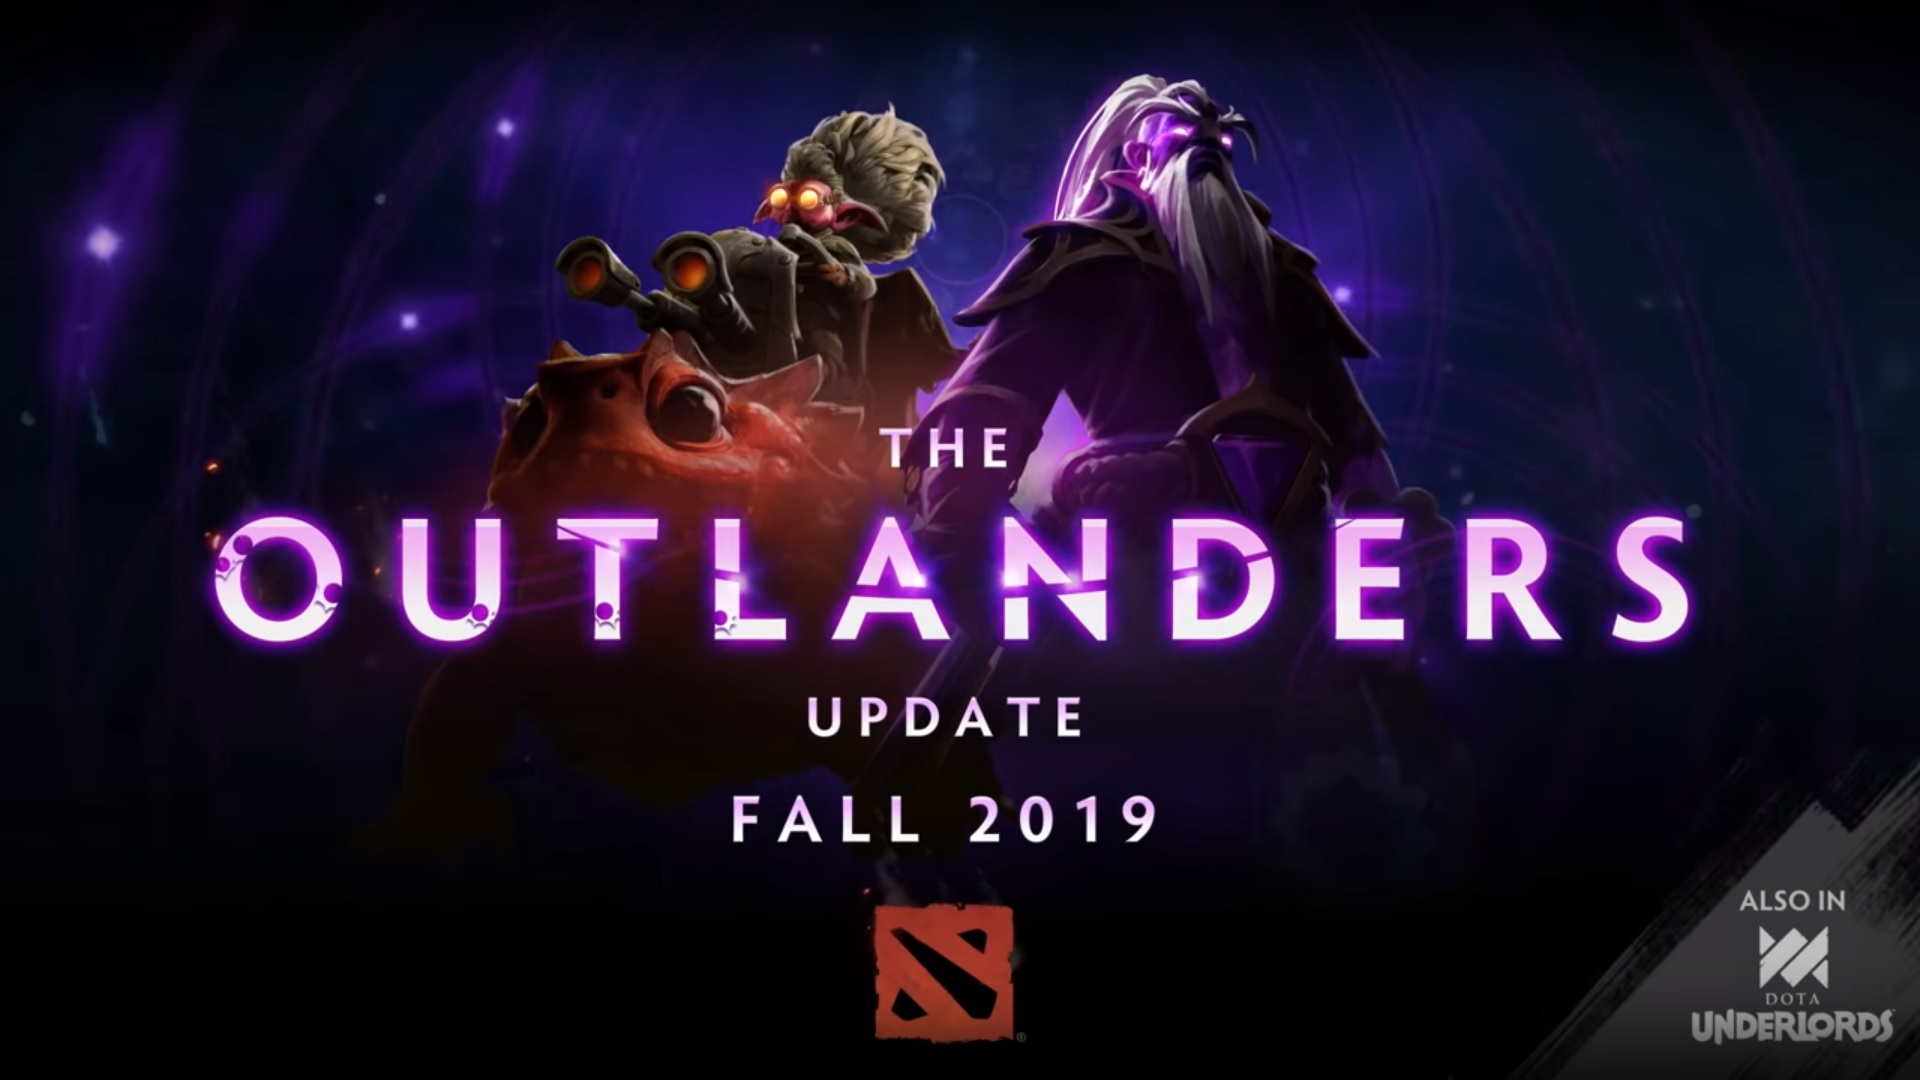 outlanders-update-dota-2